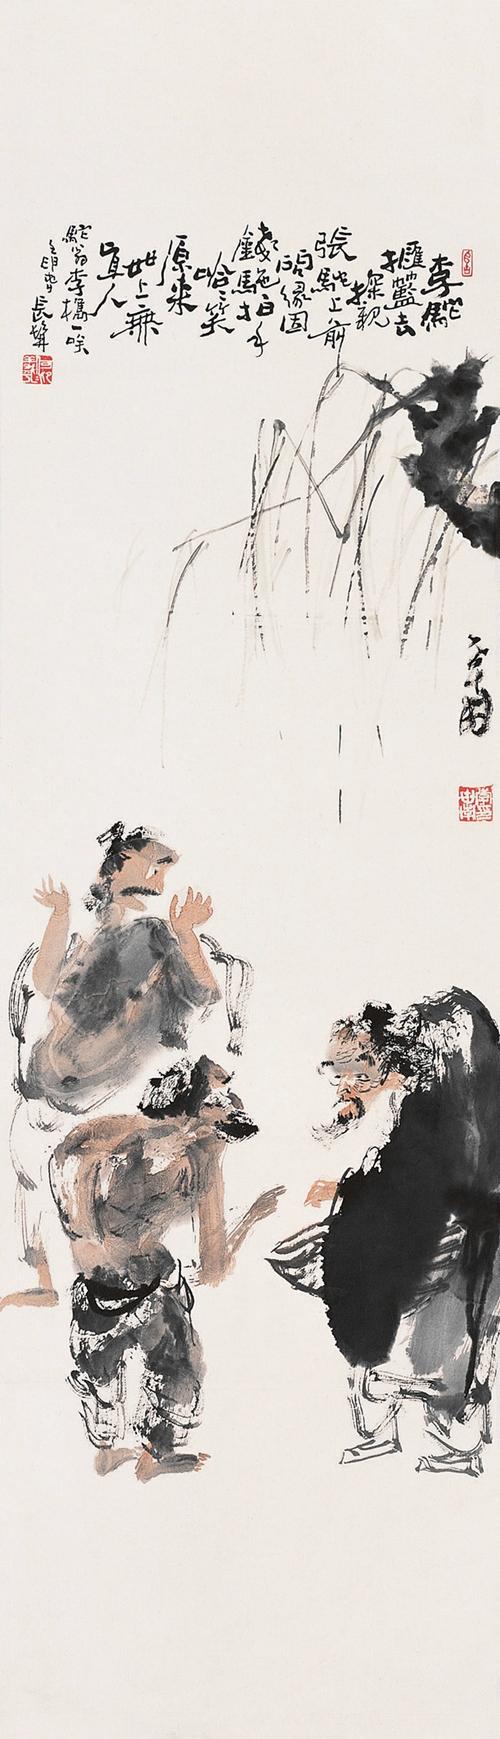 李世南的水墨大写意人物画